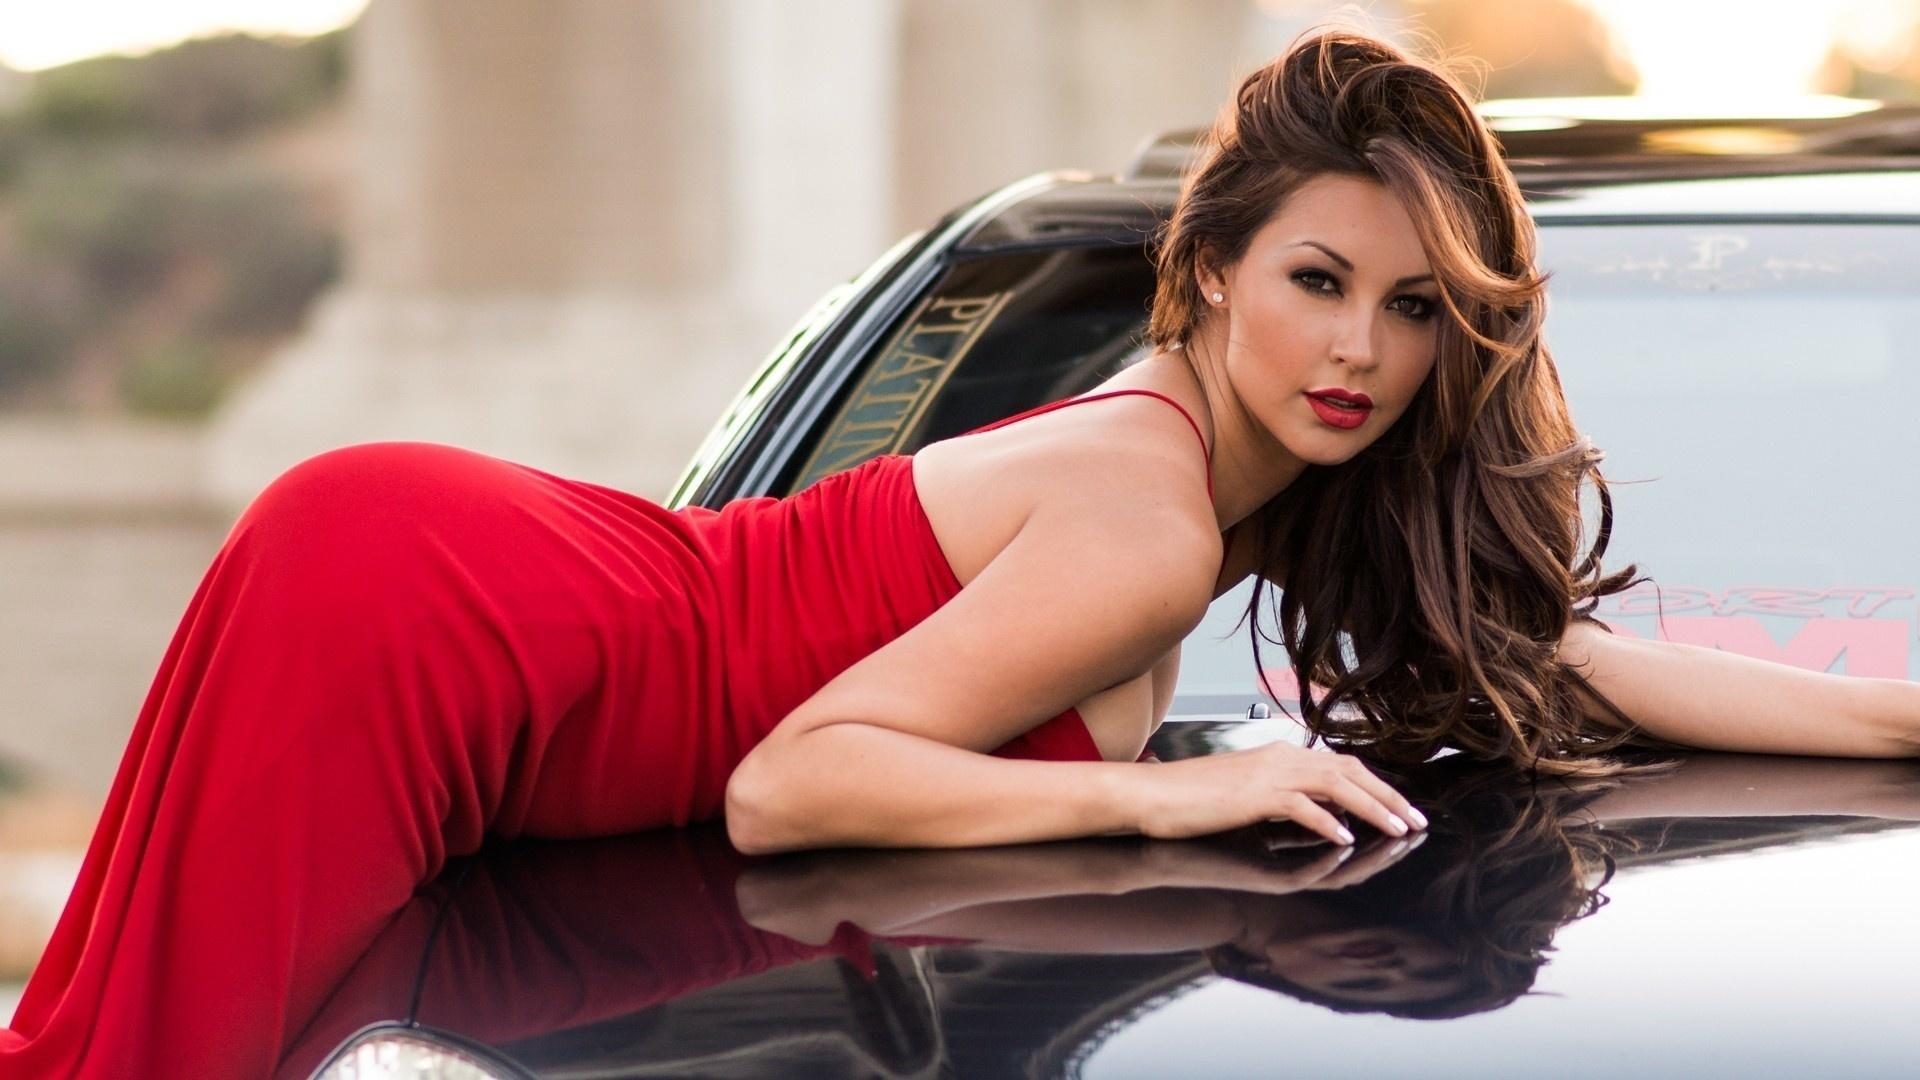 hot-girls-image-masterbates-naked-pussy-gif